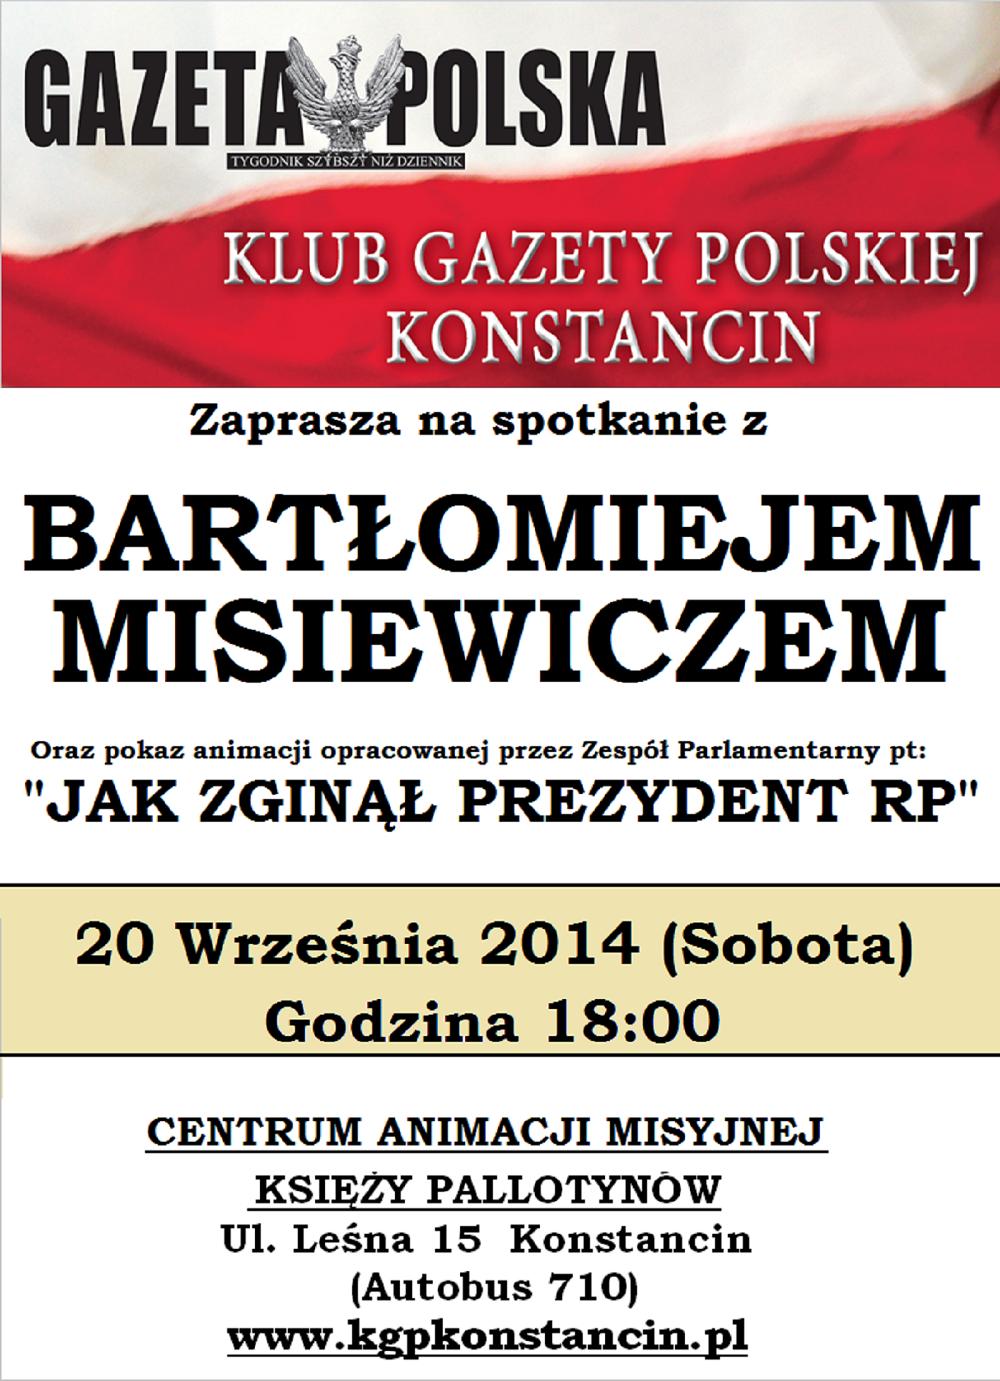 Konstancin_Misiewicz